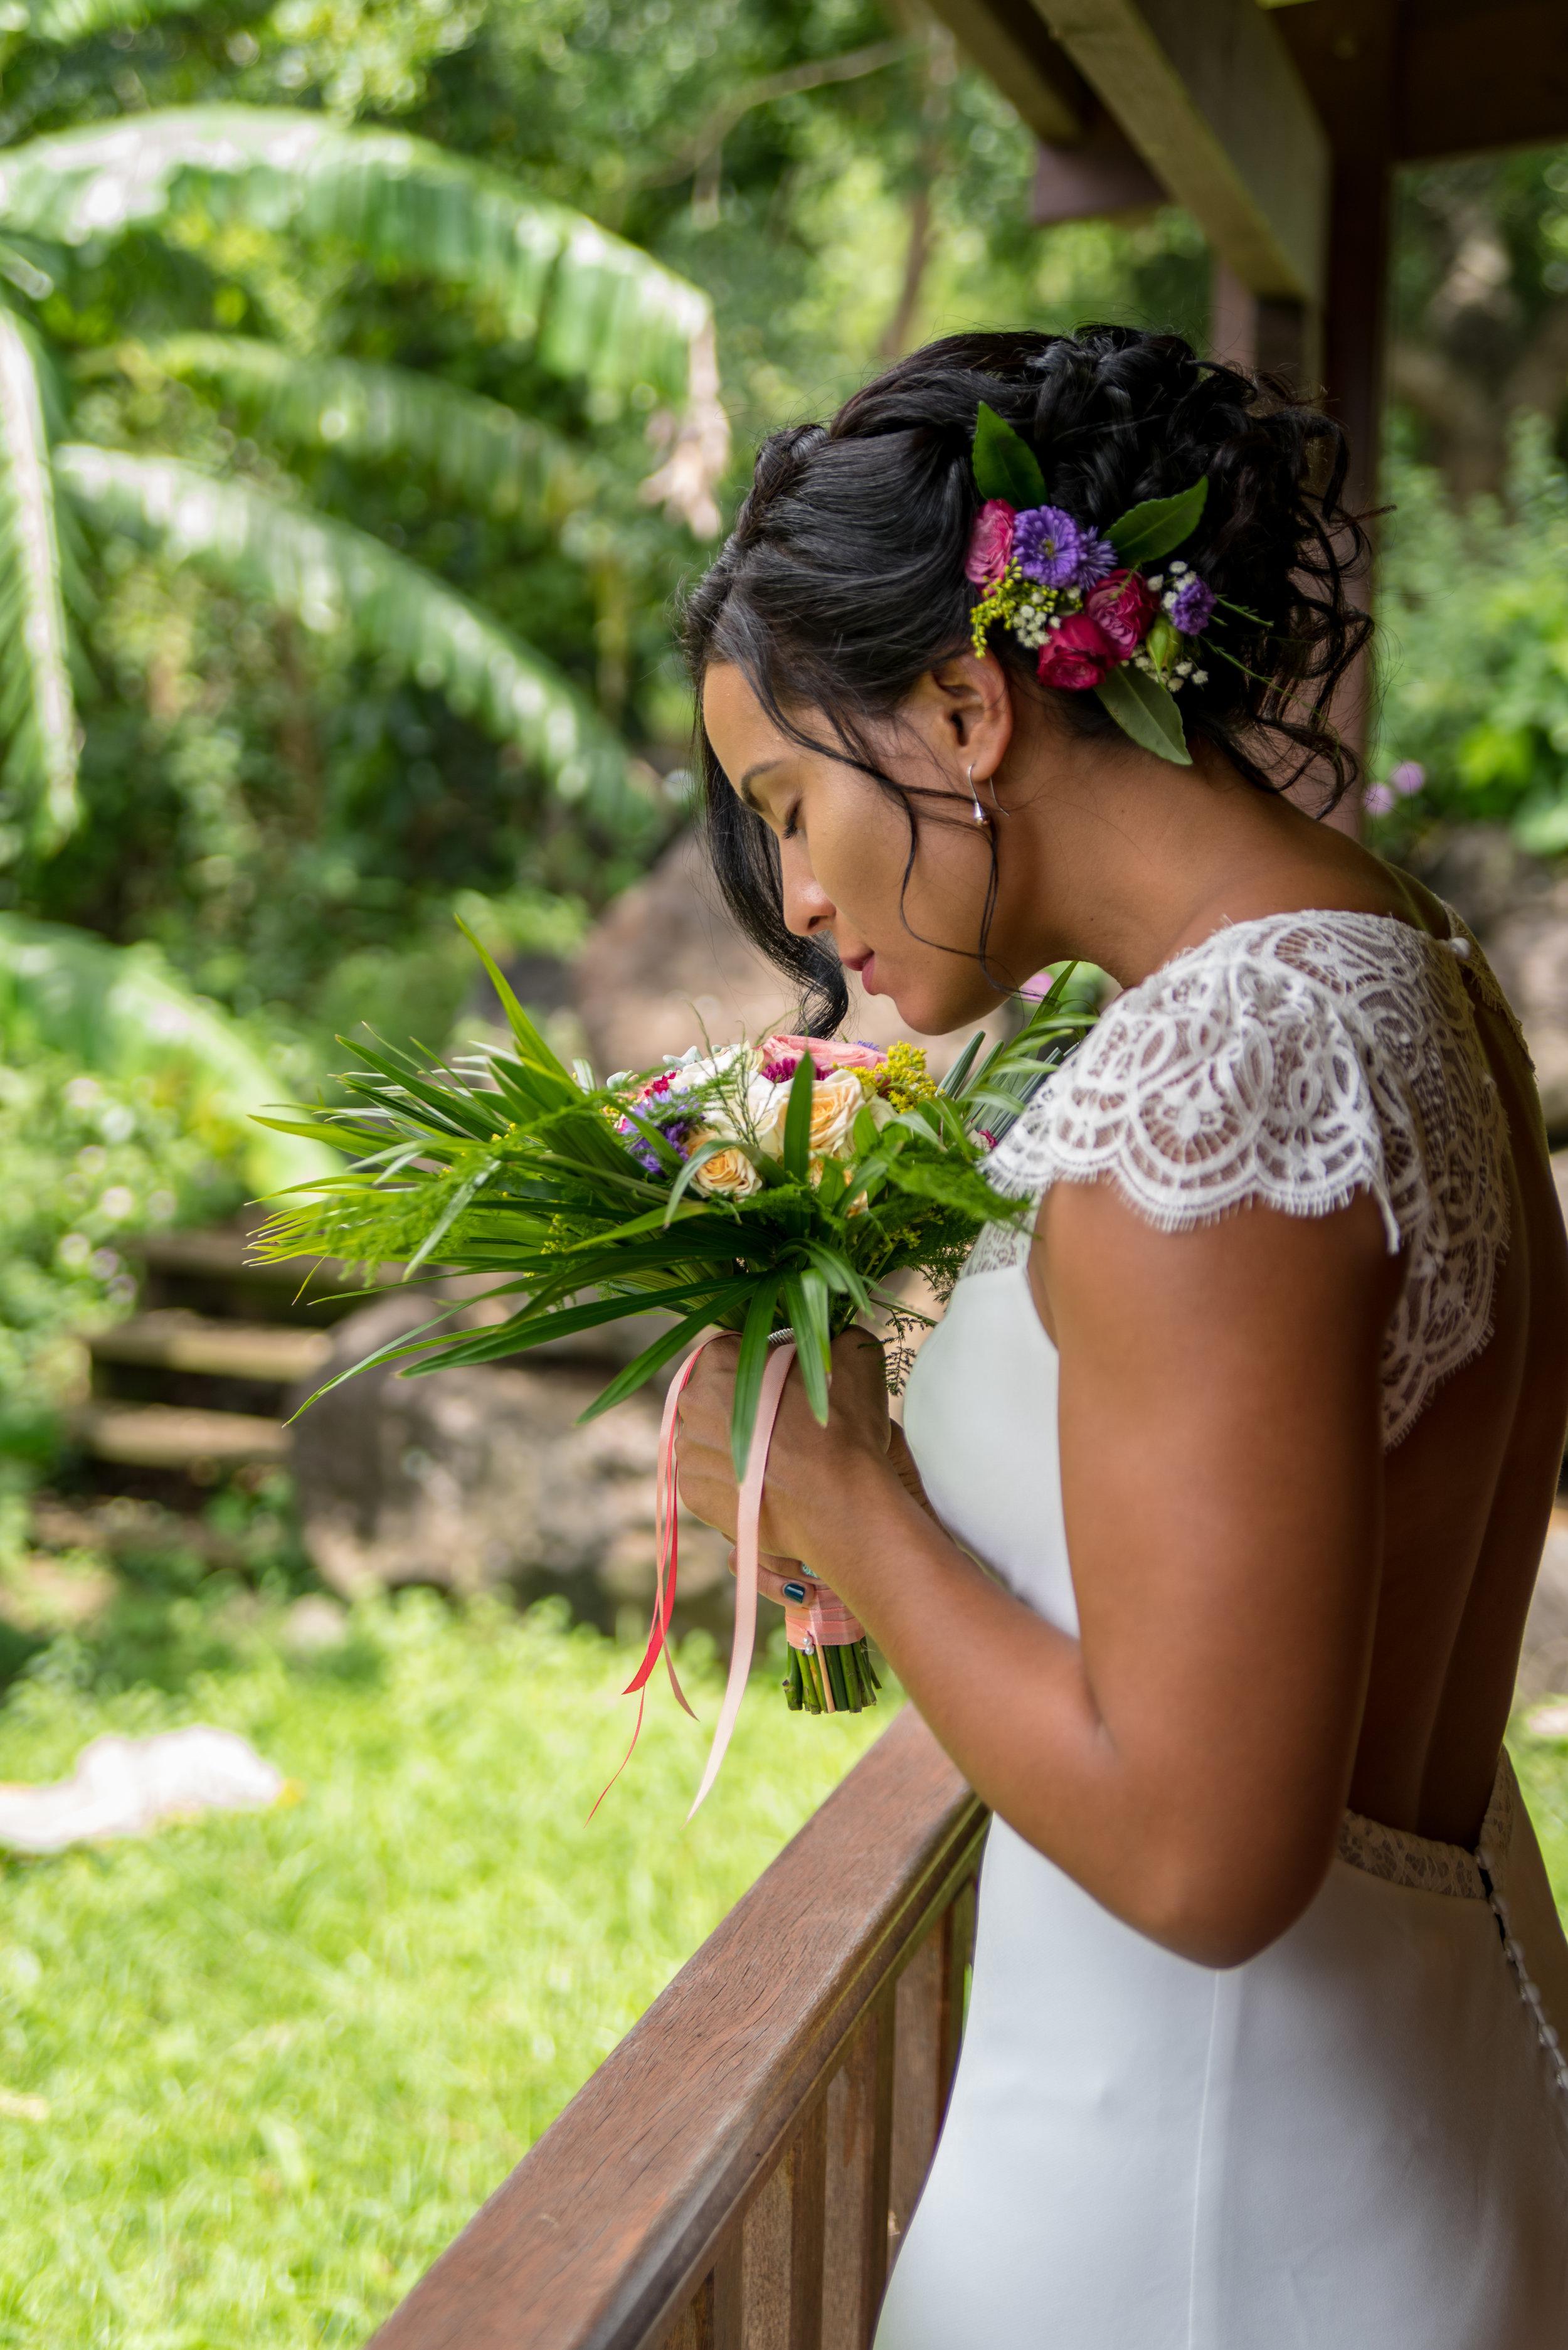 MRevenement organisation mariage à la Réunion _ La mariée et ses demoiselles d'honneur (11).jpg